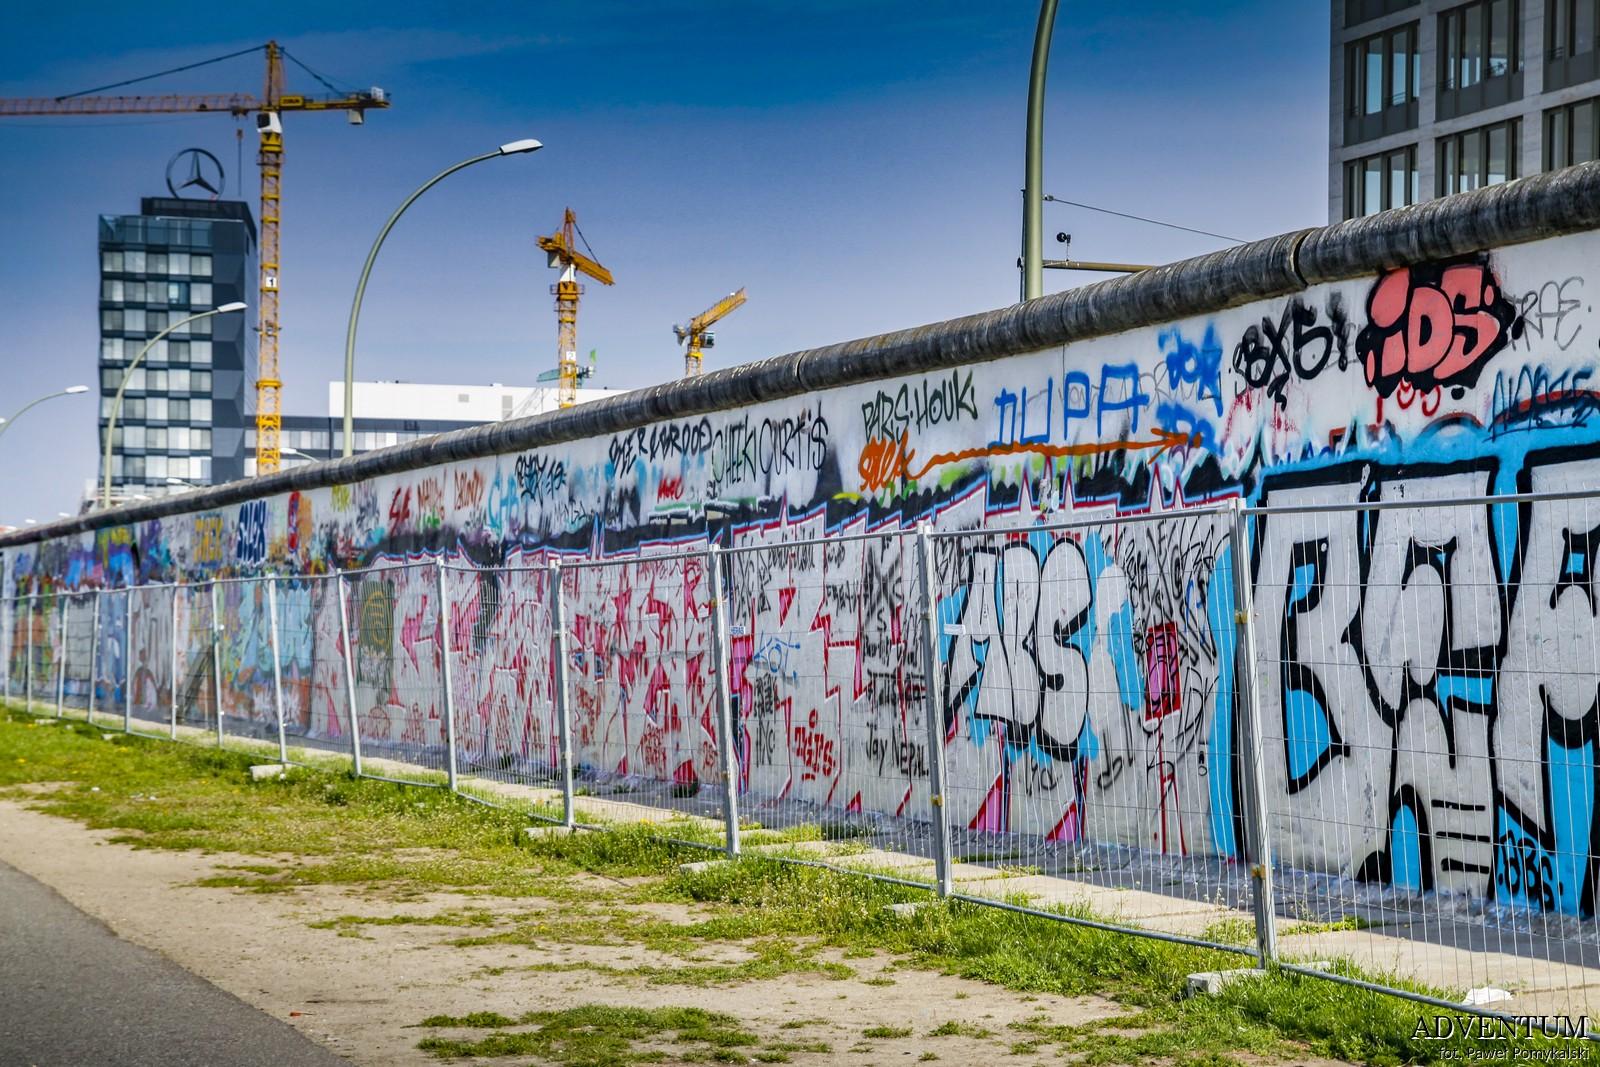 Mur Berliński, Berlin, Niemcy, Ciekawostki, Dlaczego powstał, co miał na celu, grafitti